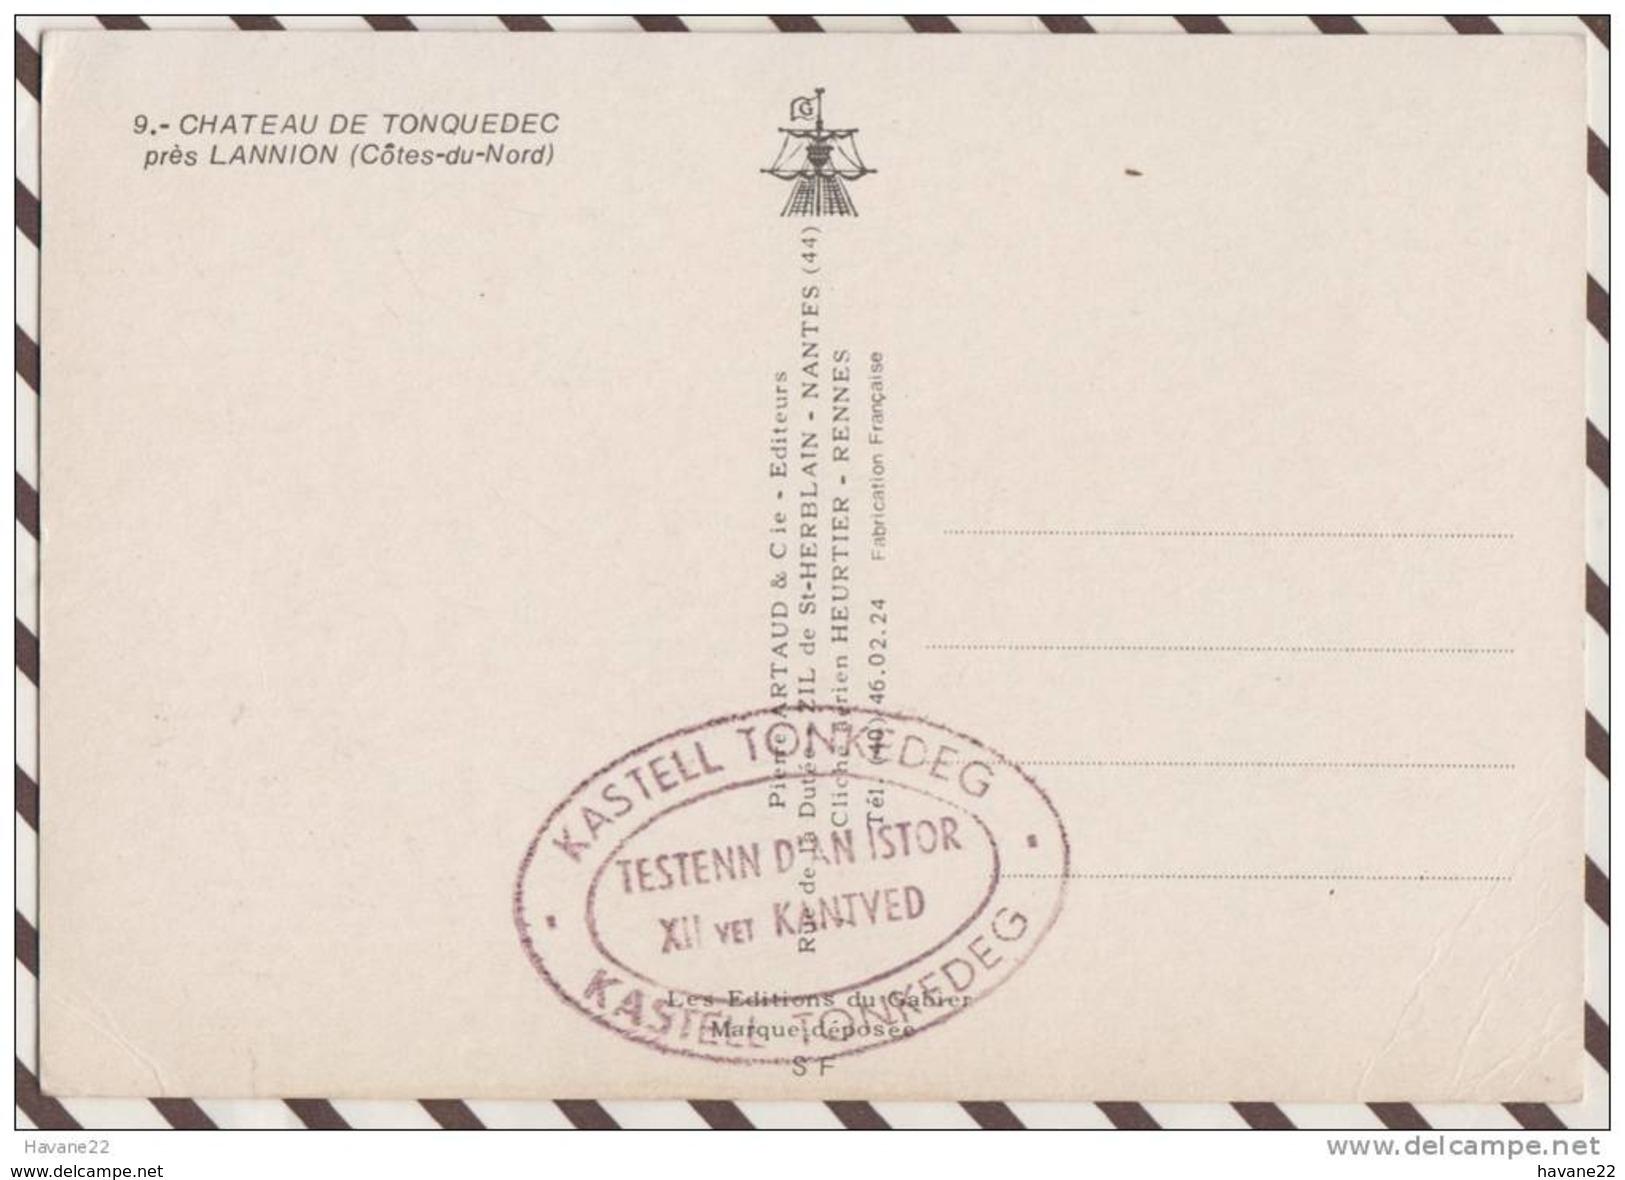 2X2642 CHATEAU DE TONQUEDEC PRES DE LANNION - Lannion